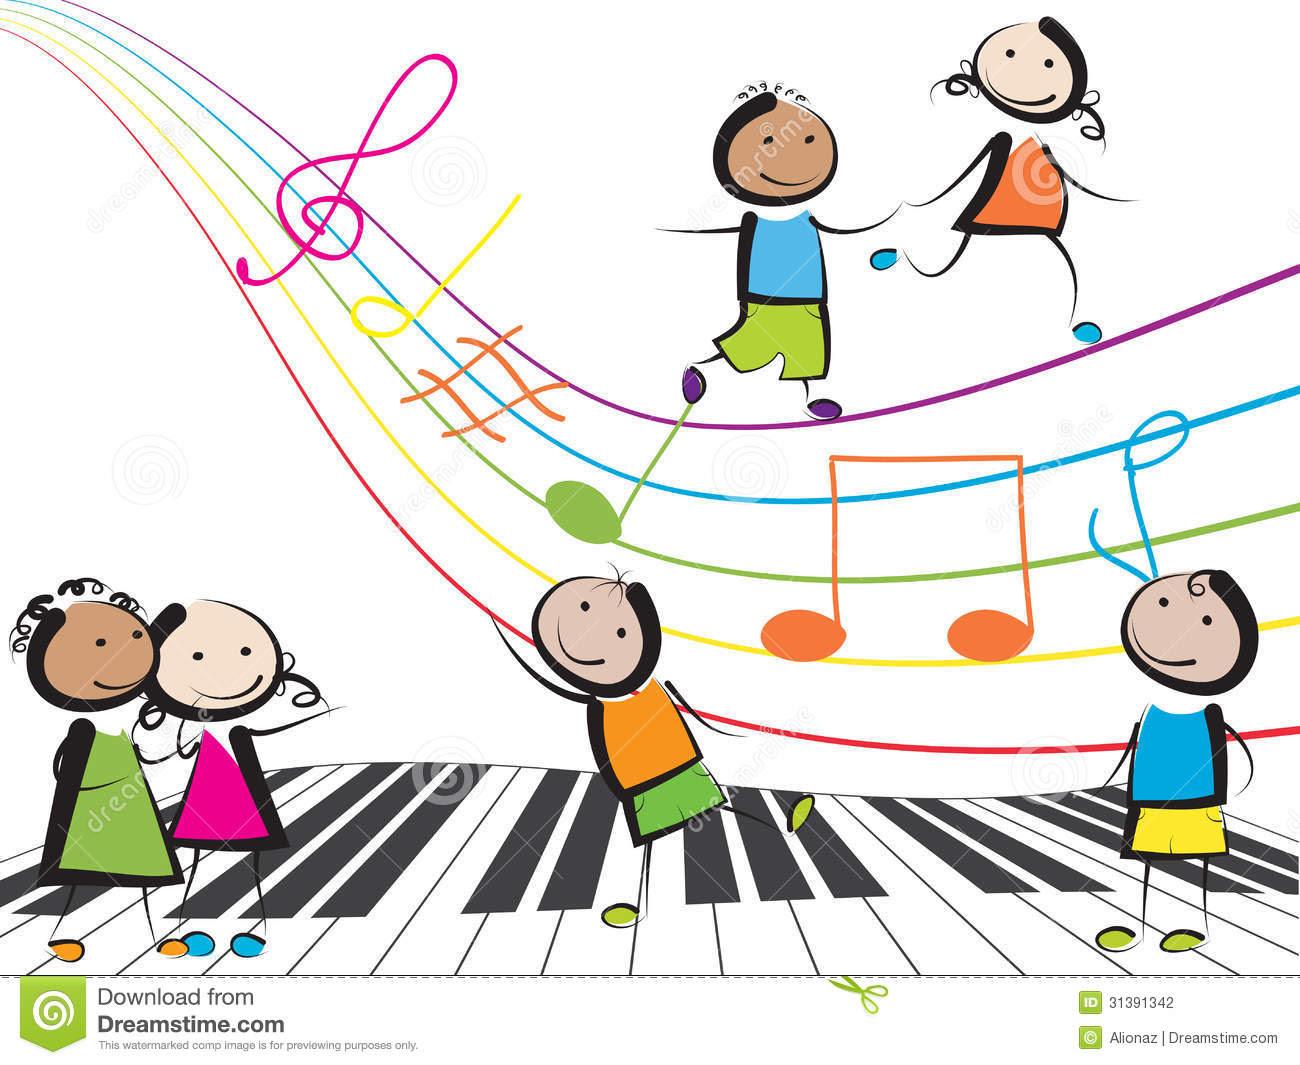 children music clip art - Clipground